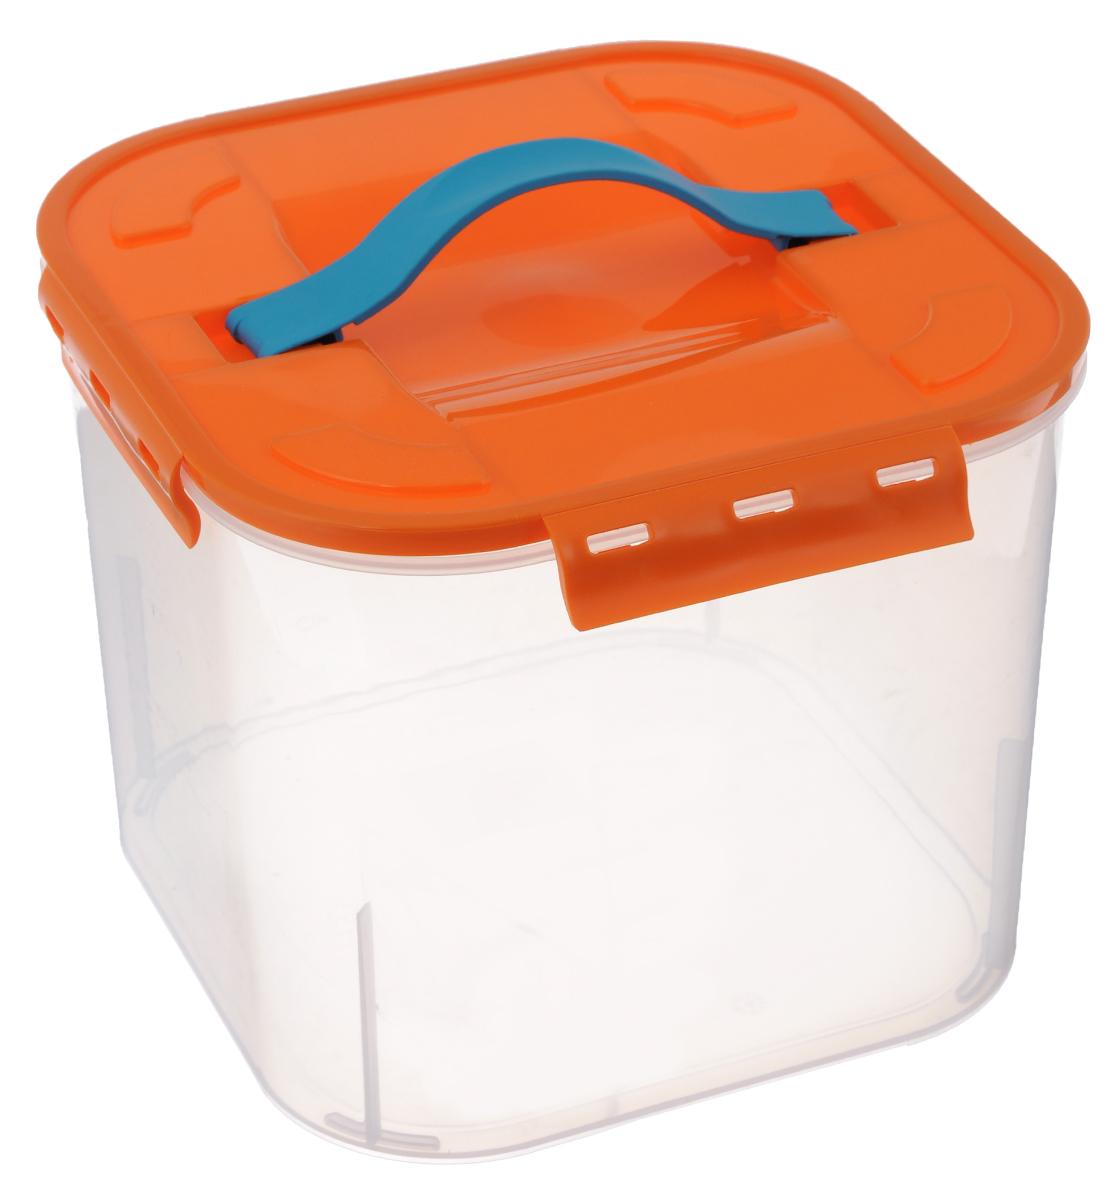 Контейнер для хранения Idea, цвет: оранжевый, прозрачный, 7 л1004900000360Контейнер для хранения Idea выполнен из прочного полипропилена. Он идеально подойдет для хранения пищевых продуктов, а также любых мелких бытовых предметов: канцелярии, принадлежностей для шитья и многого другого. Контейнер плотно закрывается цветной крышкой с 4 защелками. Для удобства переноски сверху имеется ручка, выполненная из термоэластопласта. Контейнер Idea очень вместителен, он пригодится в любом хозяйстве.Материал: полипропилен, термоэластопласт.